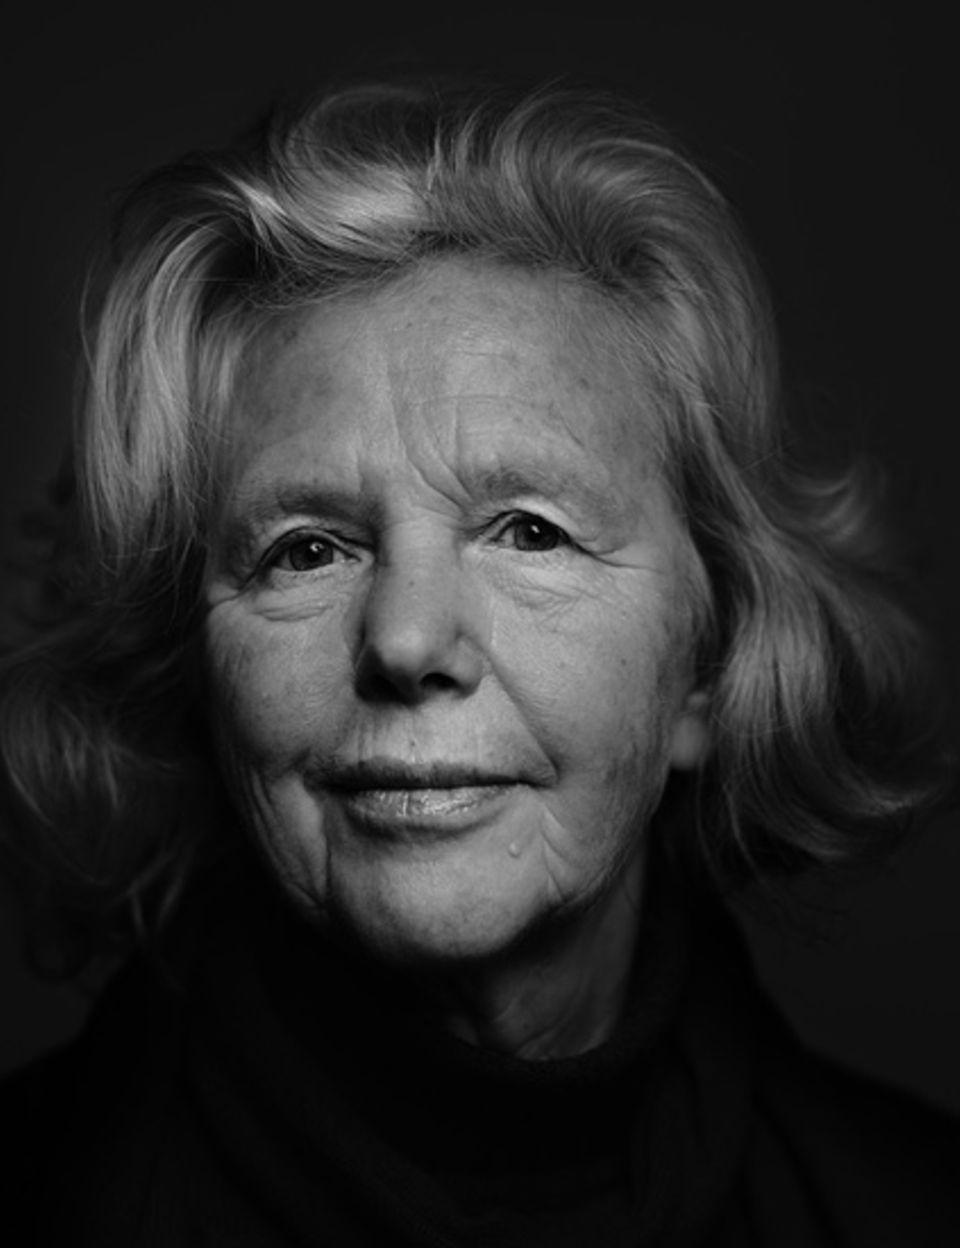 Verena Kast, 68, ist Lehranalytikerin am C. G. Jung Institut Zürich und Vorsitzende der Internationalen Gesellschaft für Tiefenpsychologie